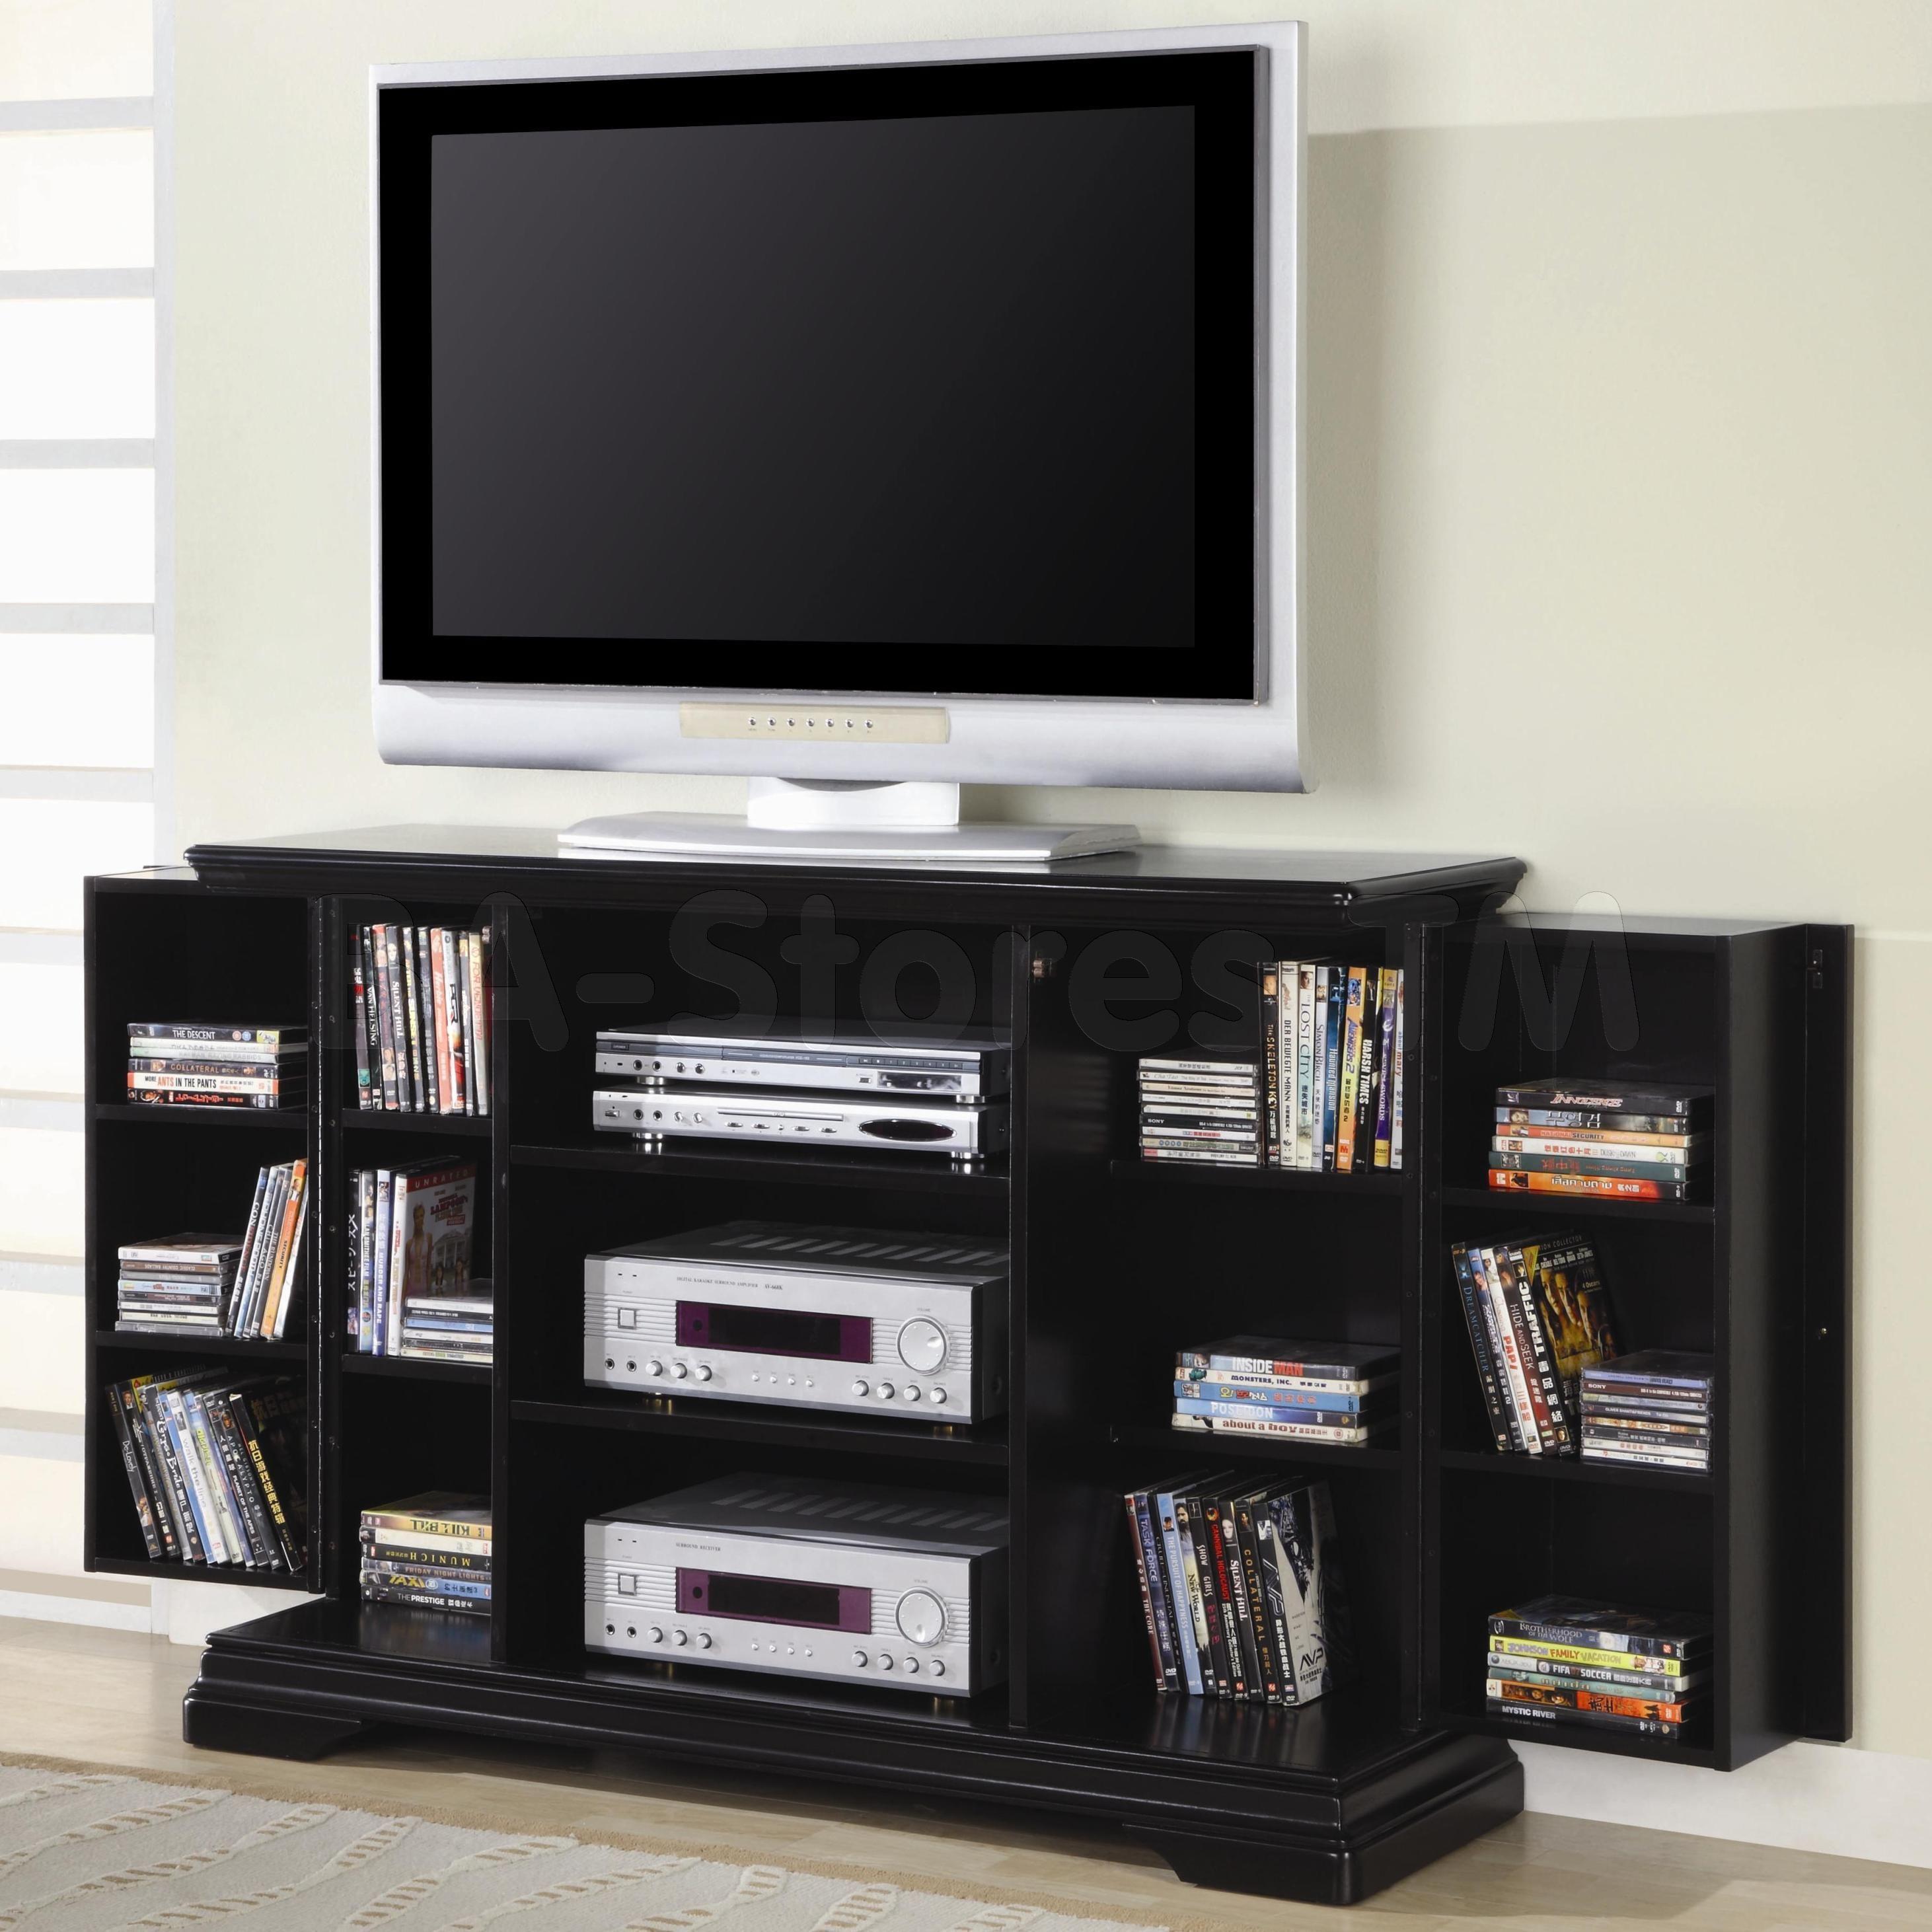 248654d1375488528 Busco Sillon Tipo Trono Para Ver Tv Y Mueble  # Muebles Total Zeta